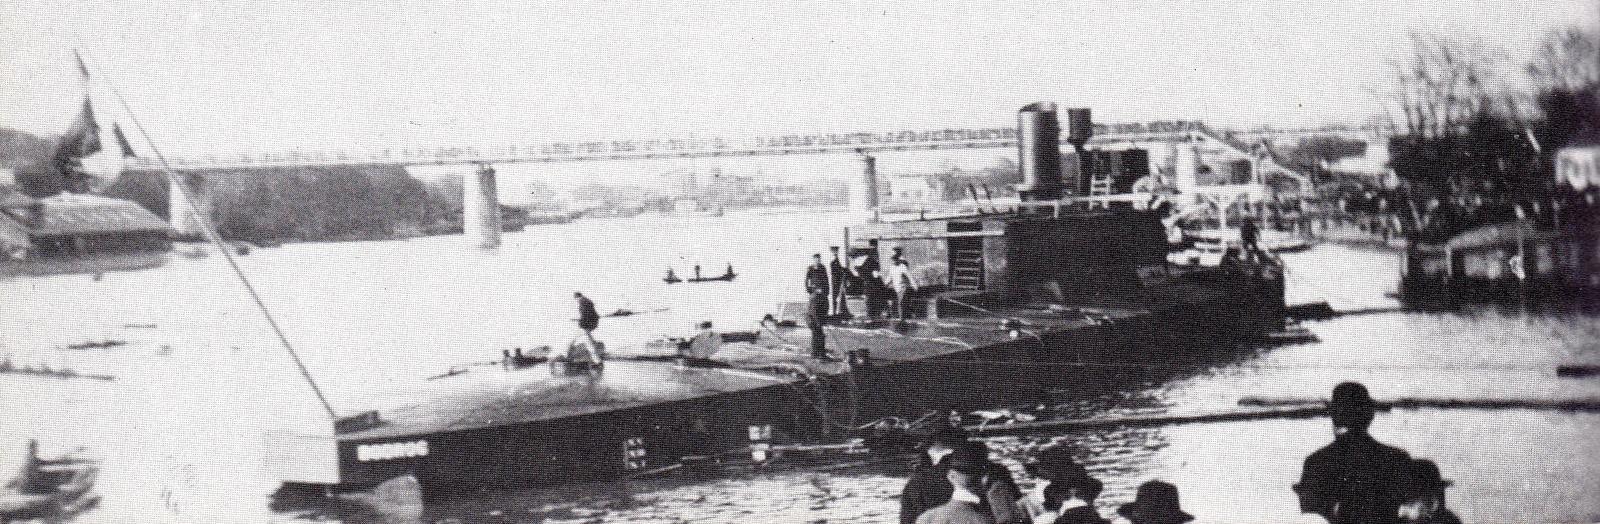 Stapellauf der SMS BODROG am 12.04.1904 © Archiv